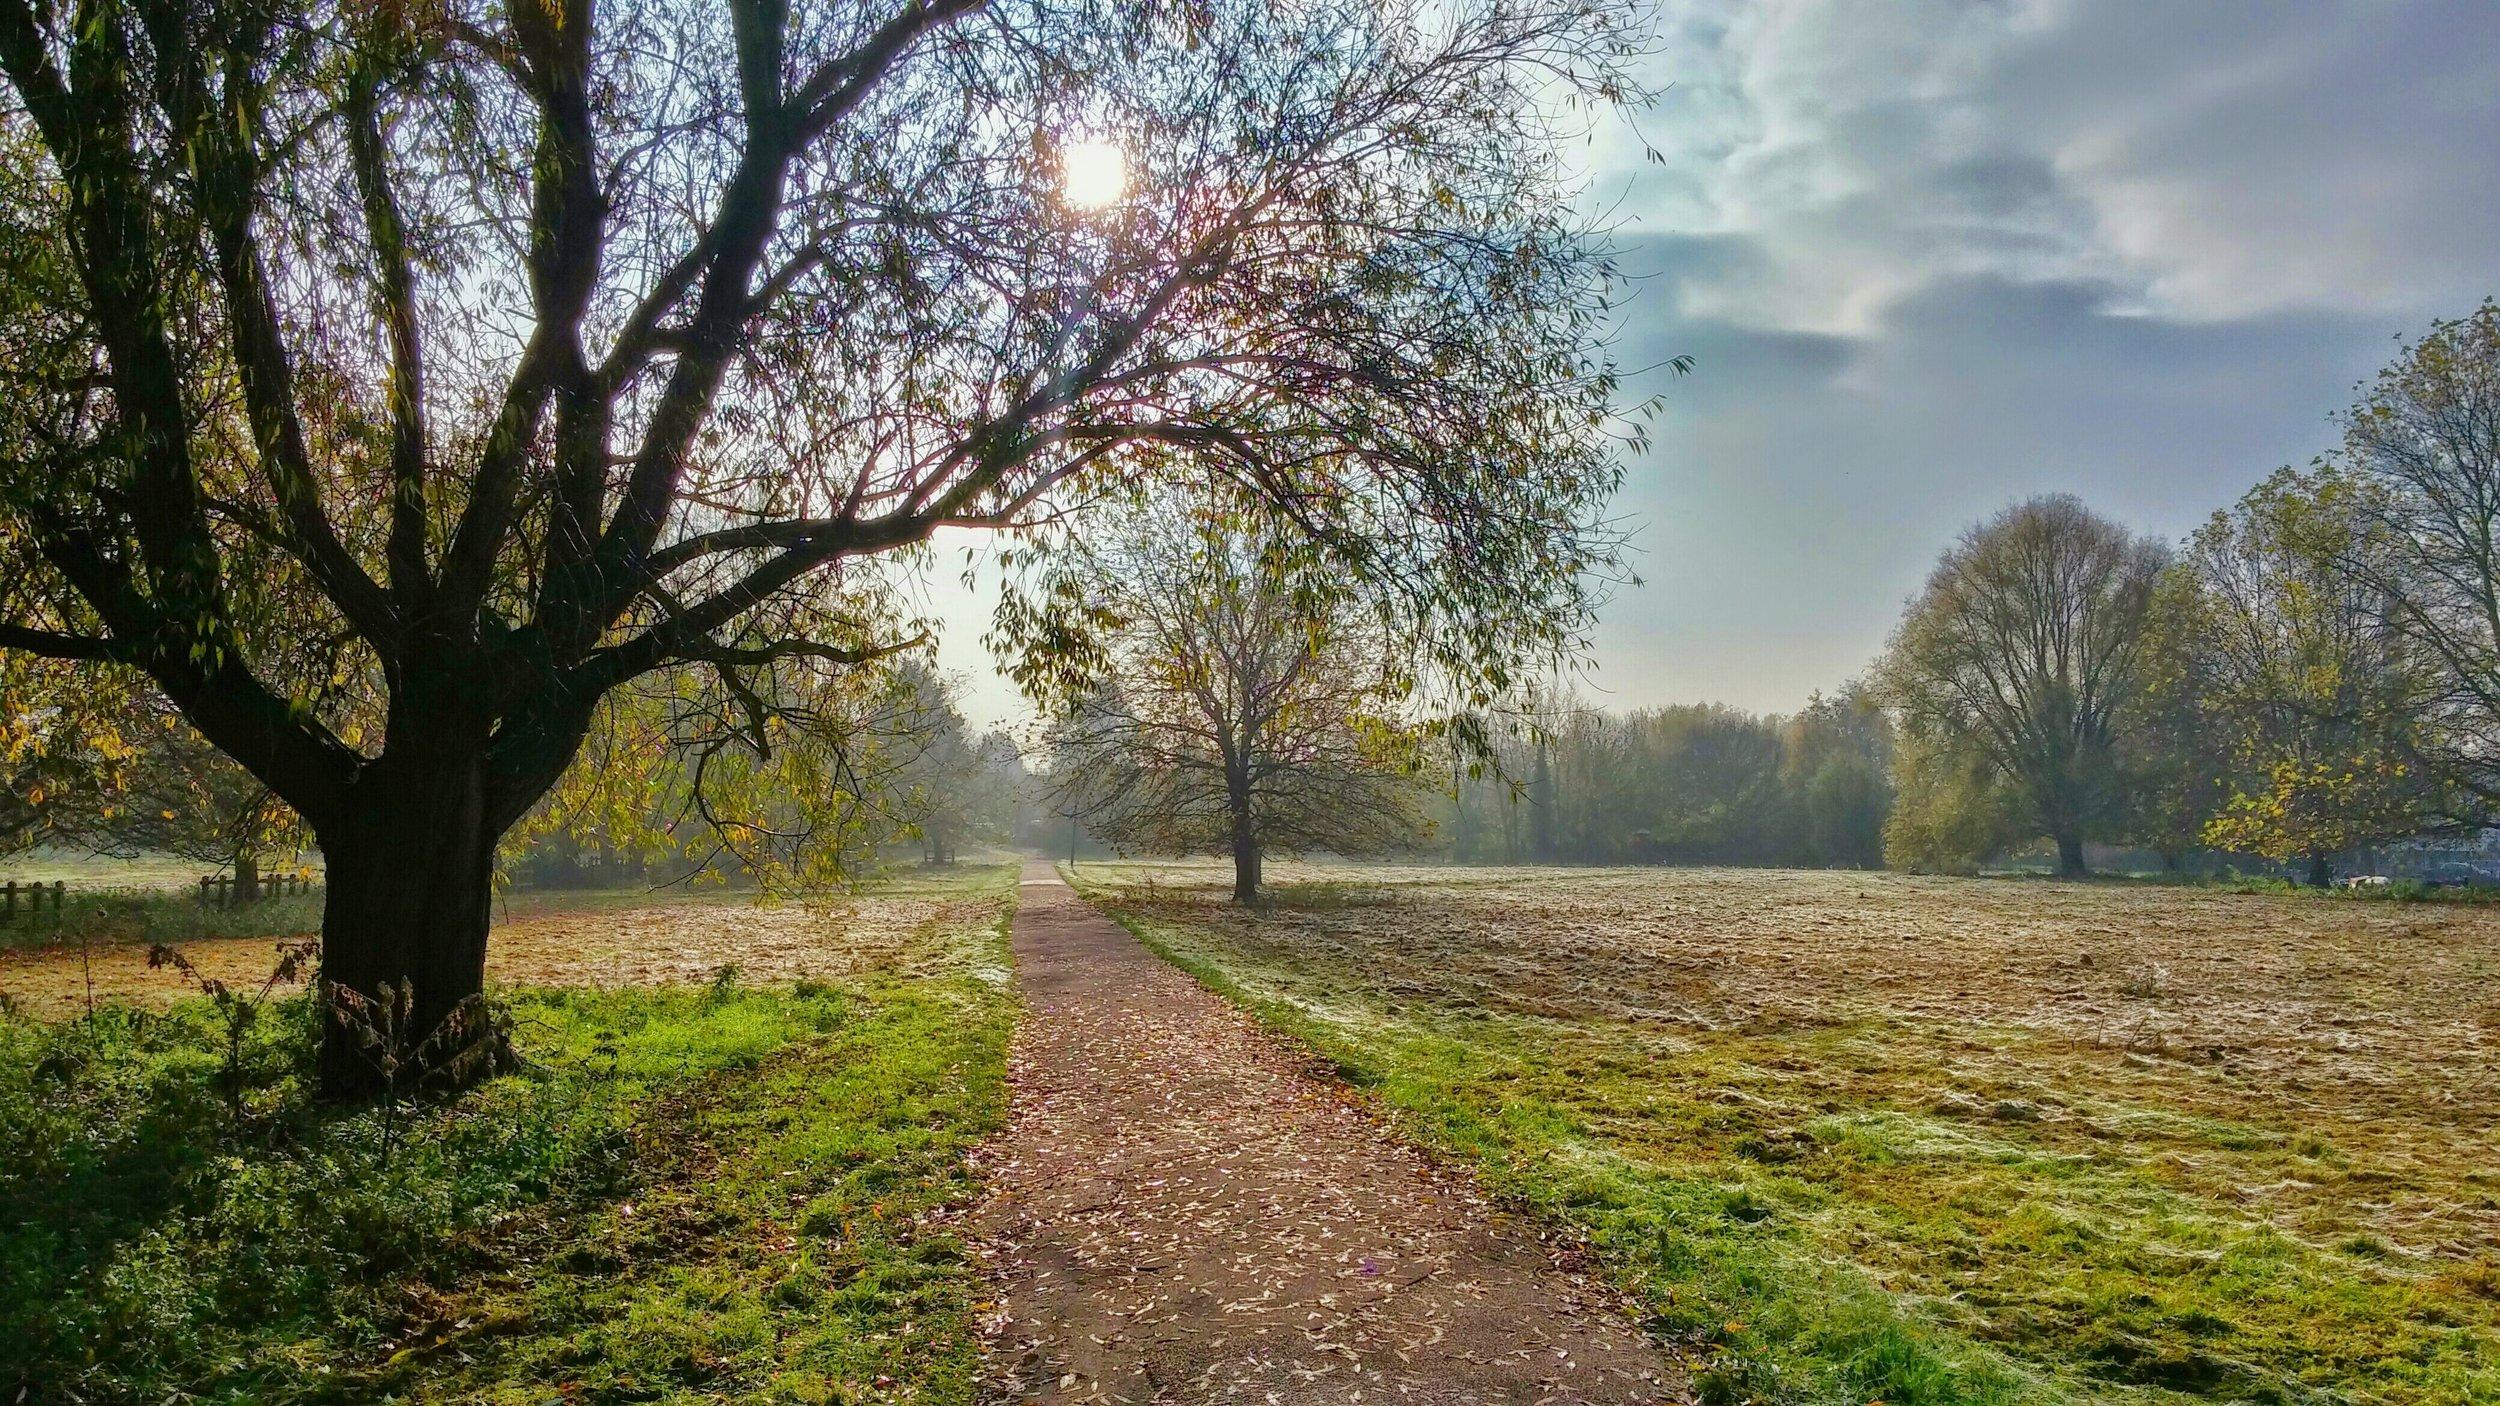 percorso-path-onoranze-funebri-conegliano